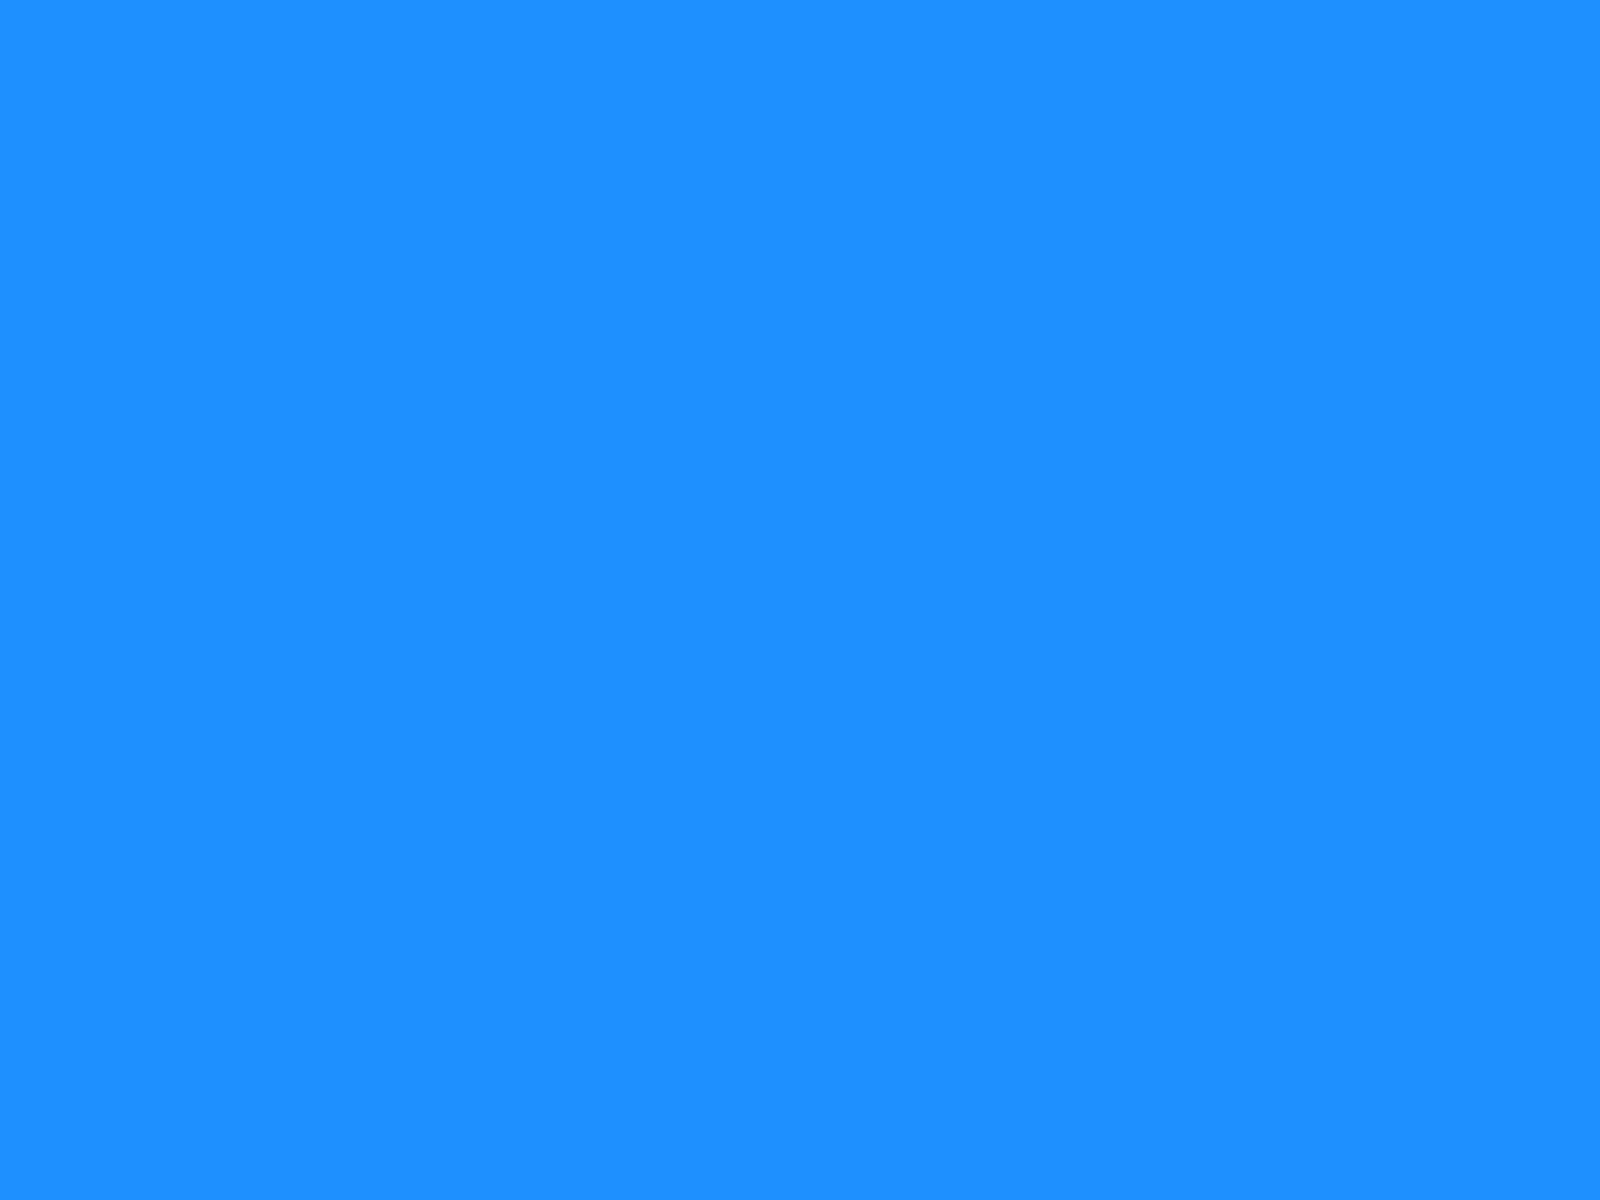 1600x1200 Dodger Blue Solid Color Background